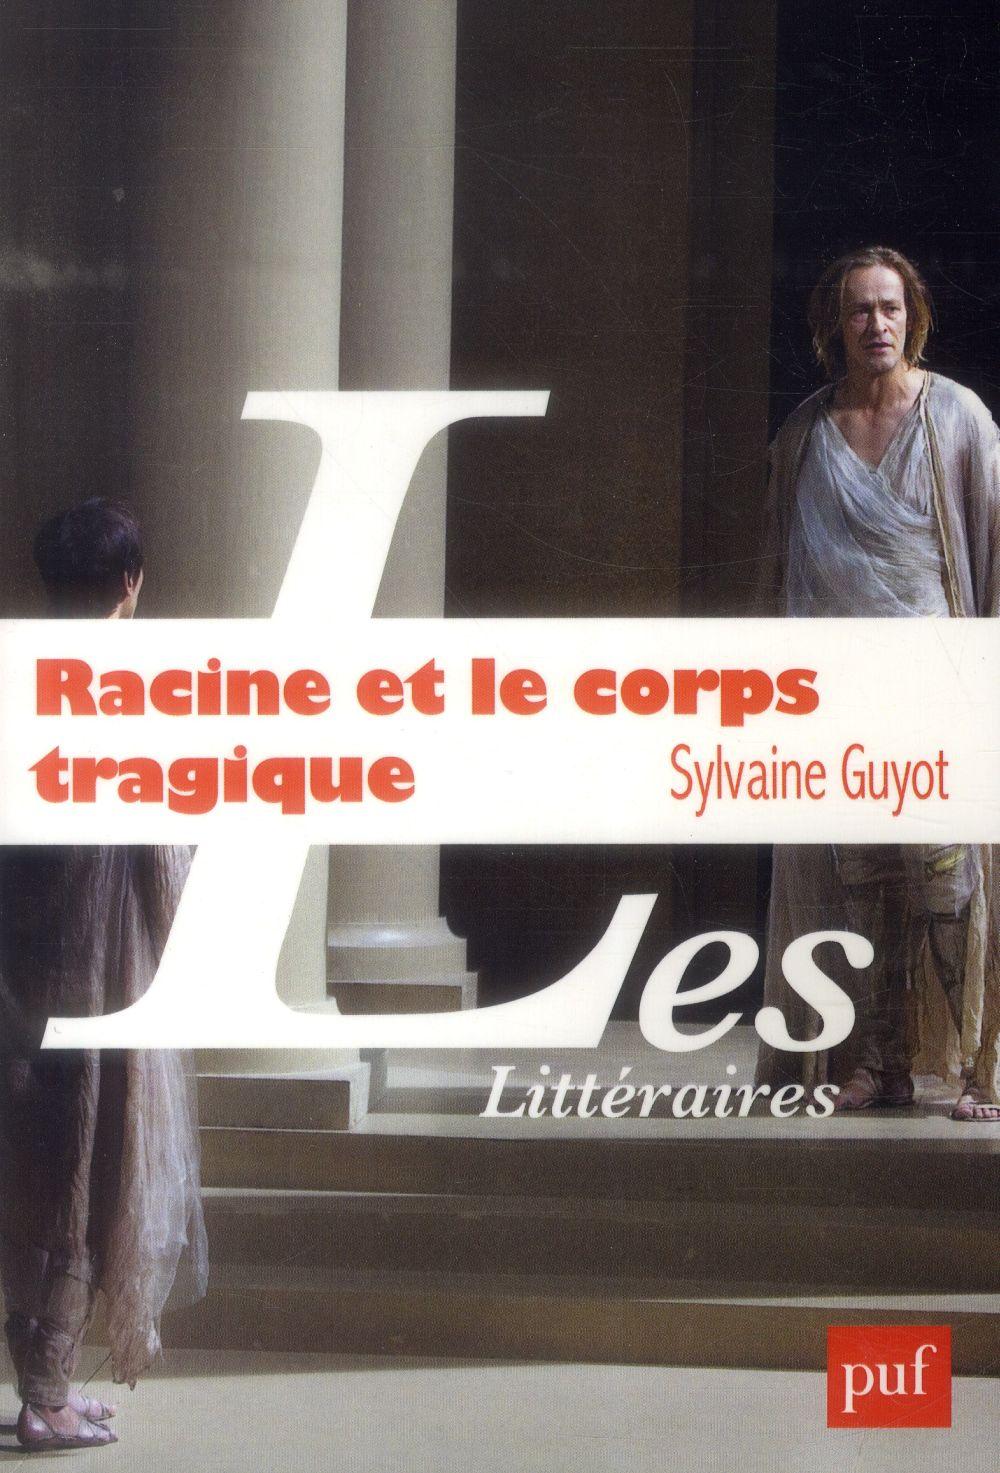 RACINE ET LE CORPS TRAGIQUE.